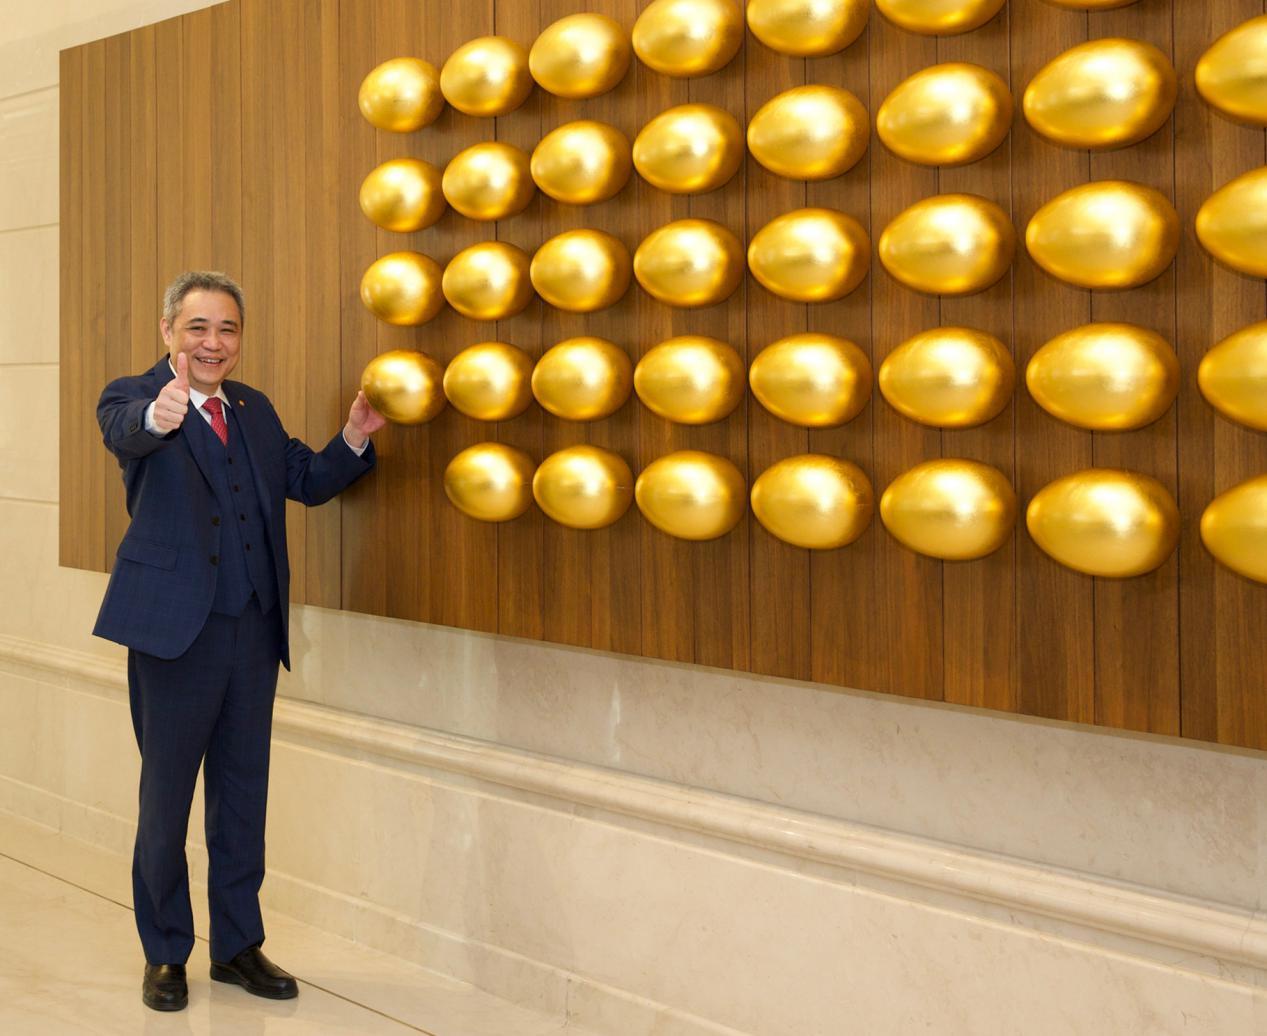 由周启正常董代表集团悬挂第54颗金蛋